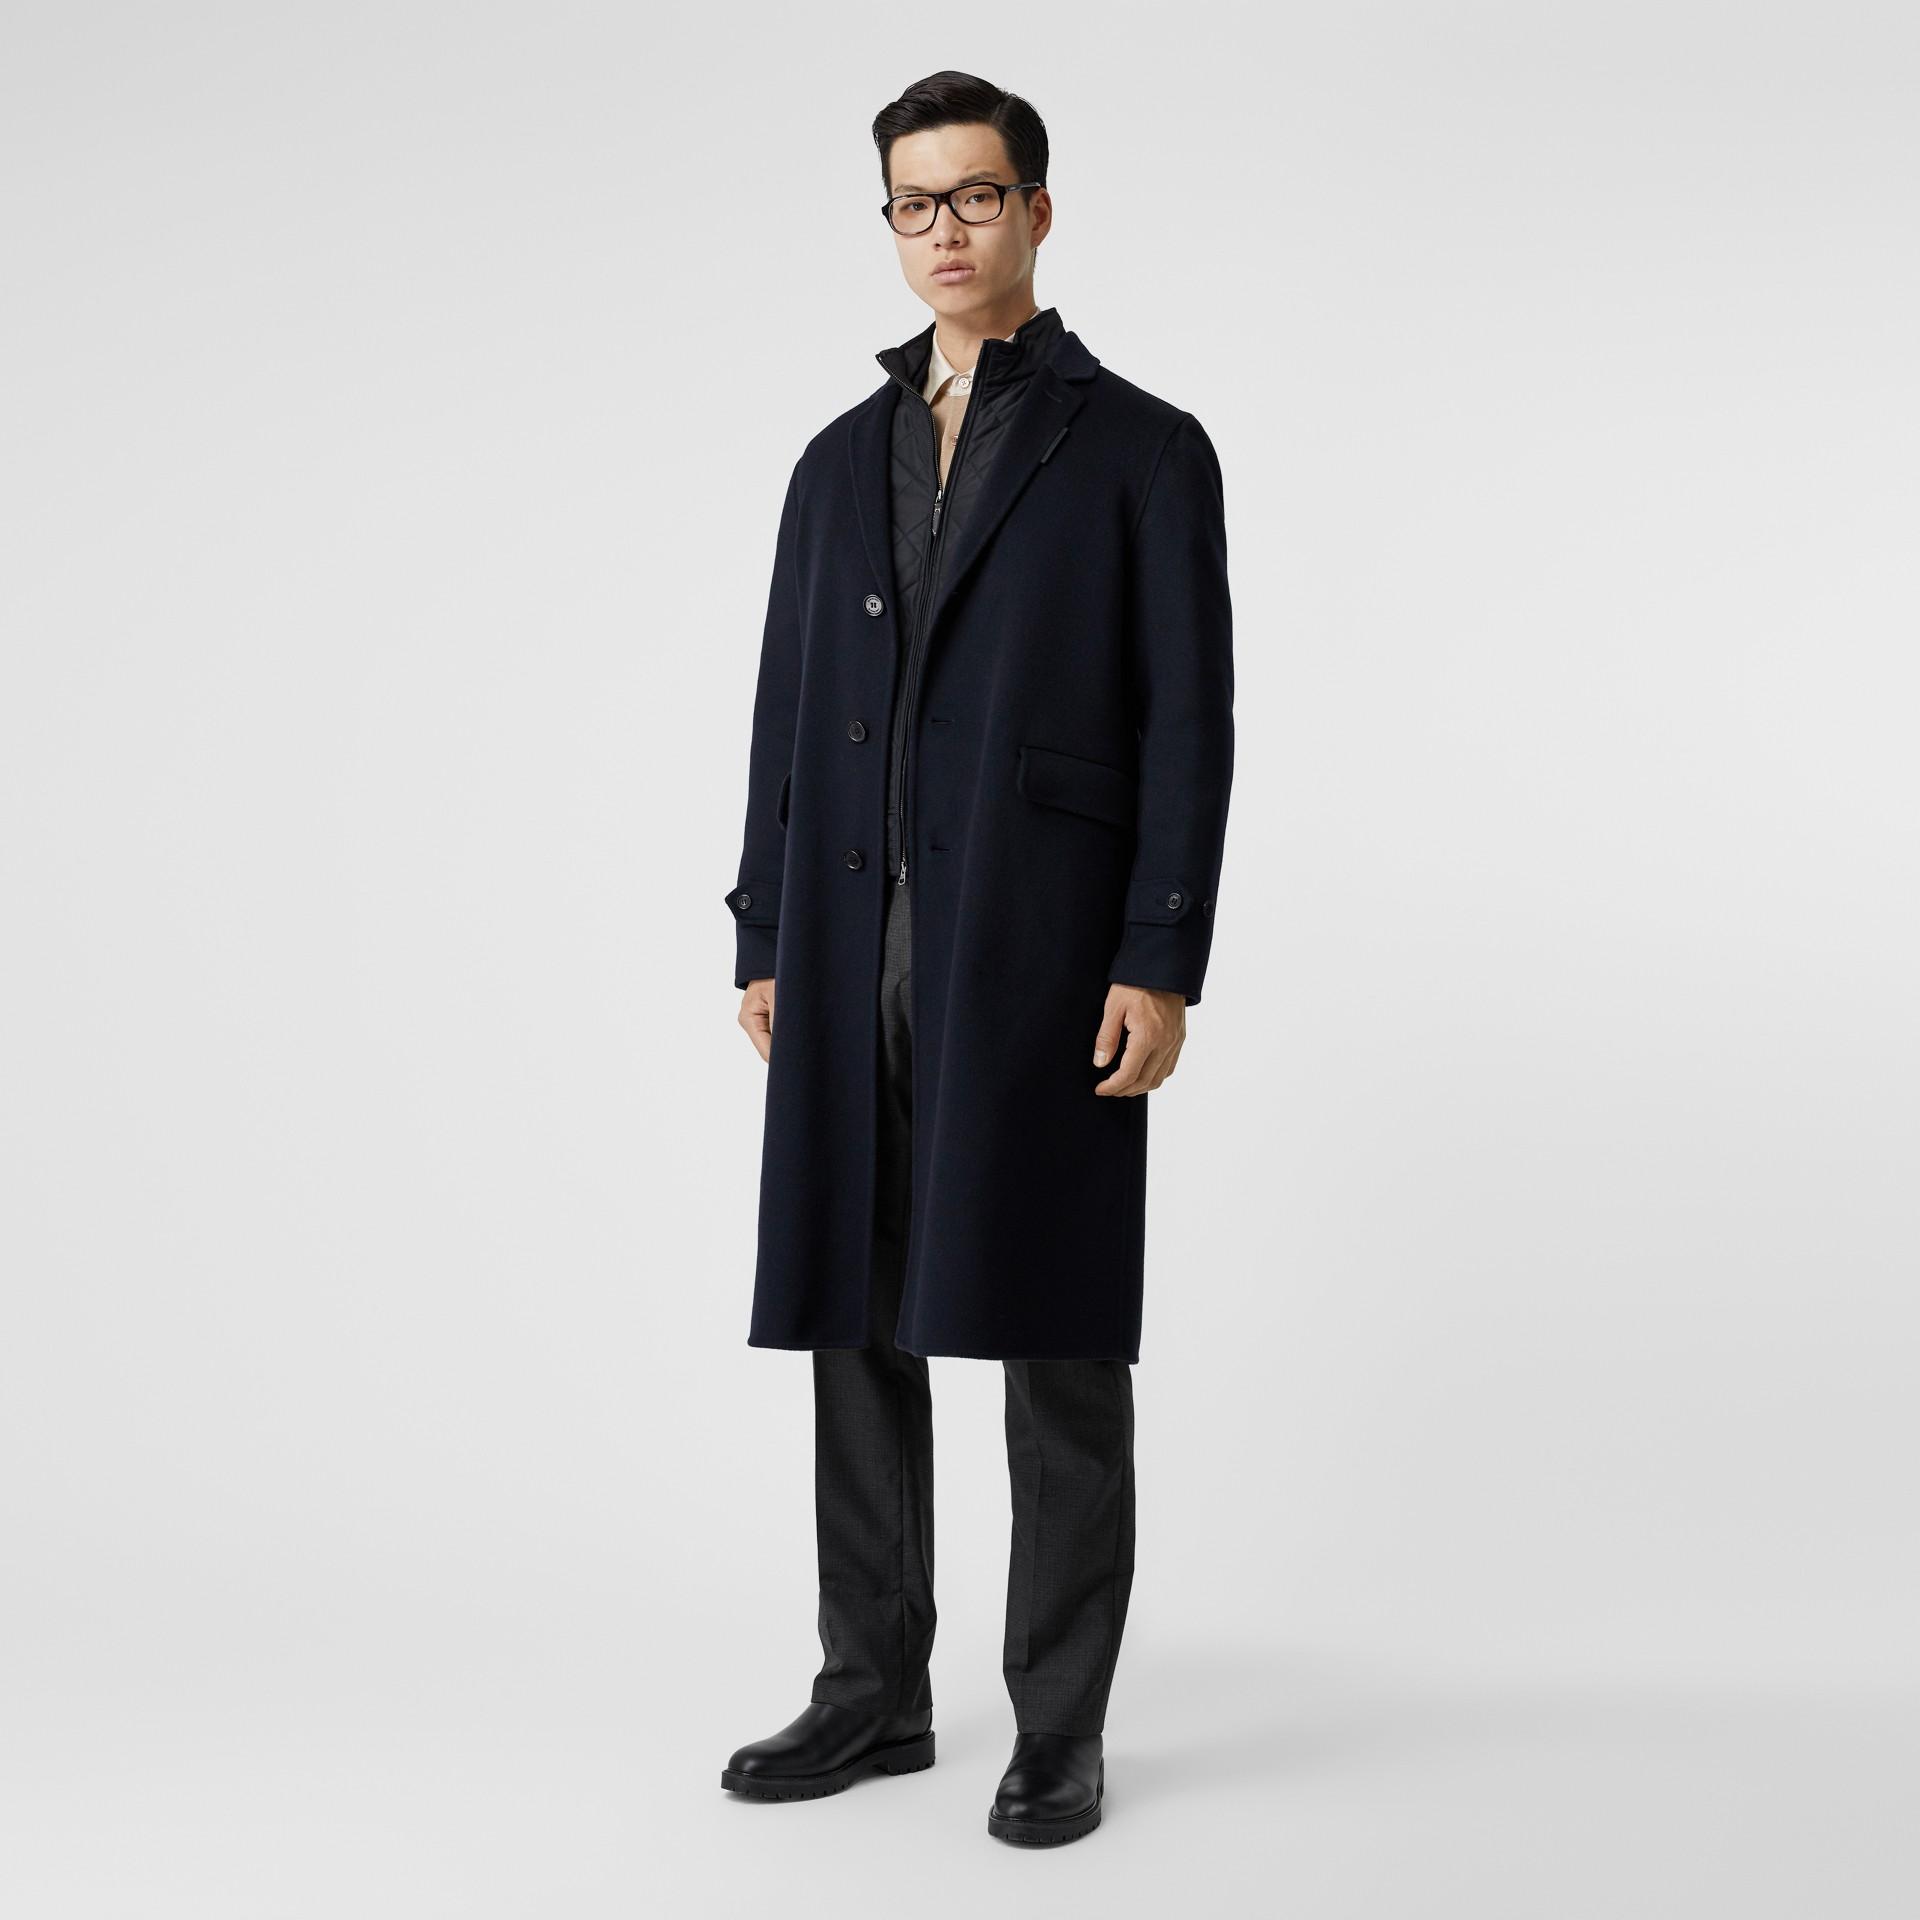 Пальто Lab Coat из кашемира (Темно-синий) - Для мужчин | Burberry - изображение 0